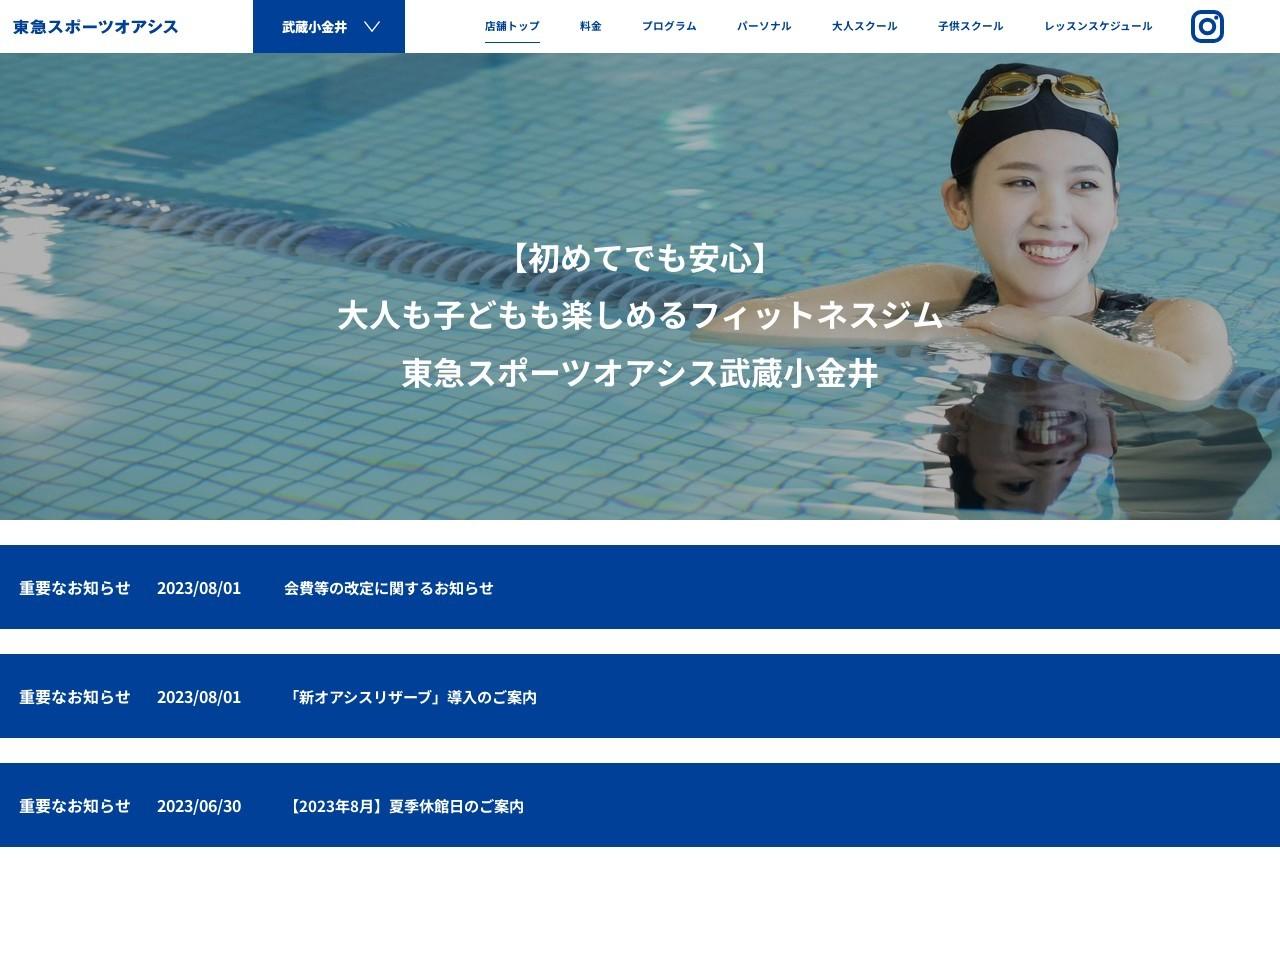 Oasis武蔵小金井のイメージ写真